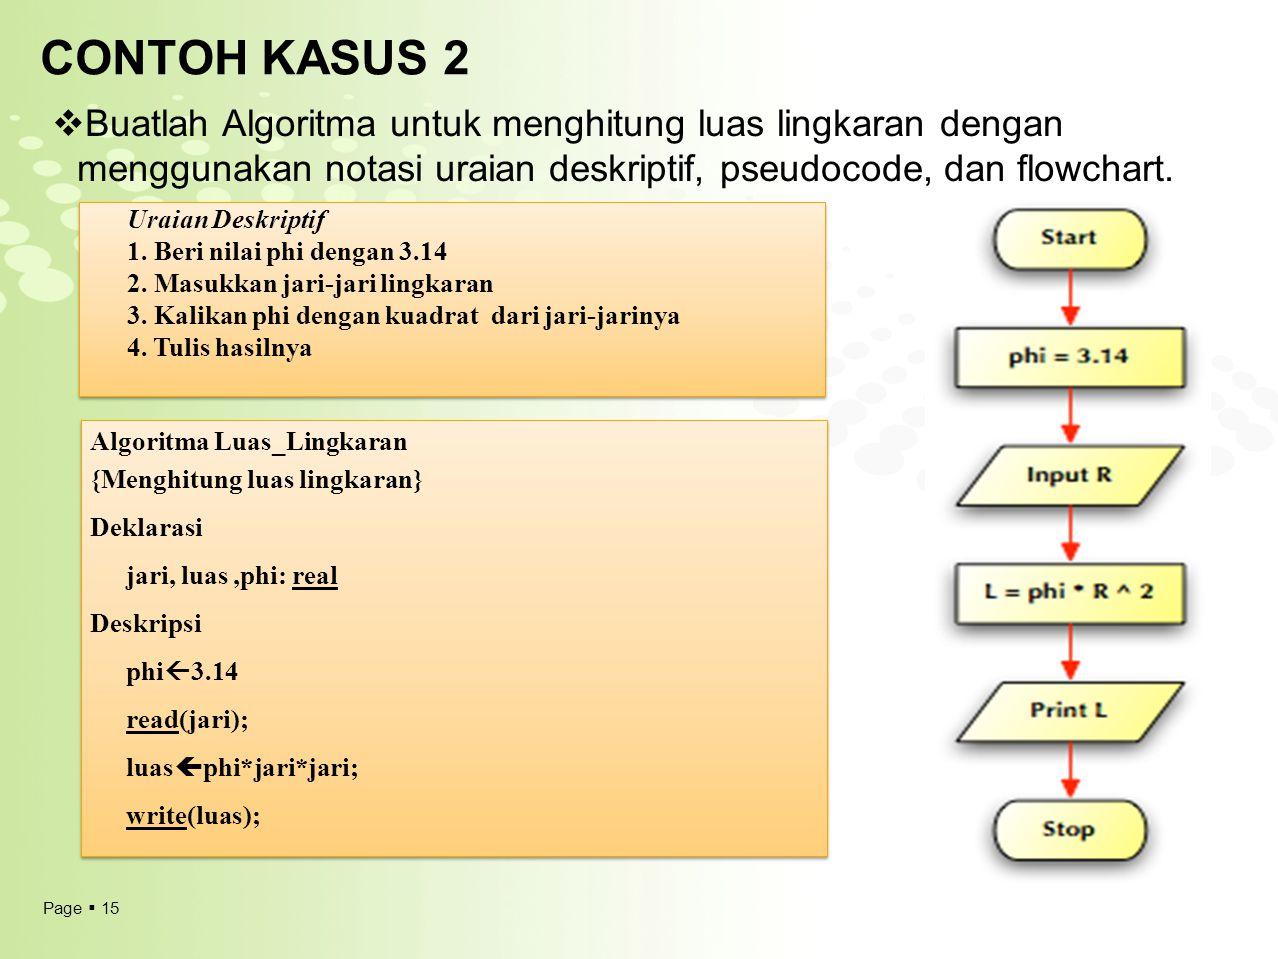 Page  15 CONTOH KASUS 2 Algoritma Luas_Lingkaran {Menghitung luas lingkaran} Deklarasi jari, luas,phi: real Deskripsi phi  3.14 read(jari); luas  p